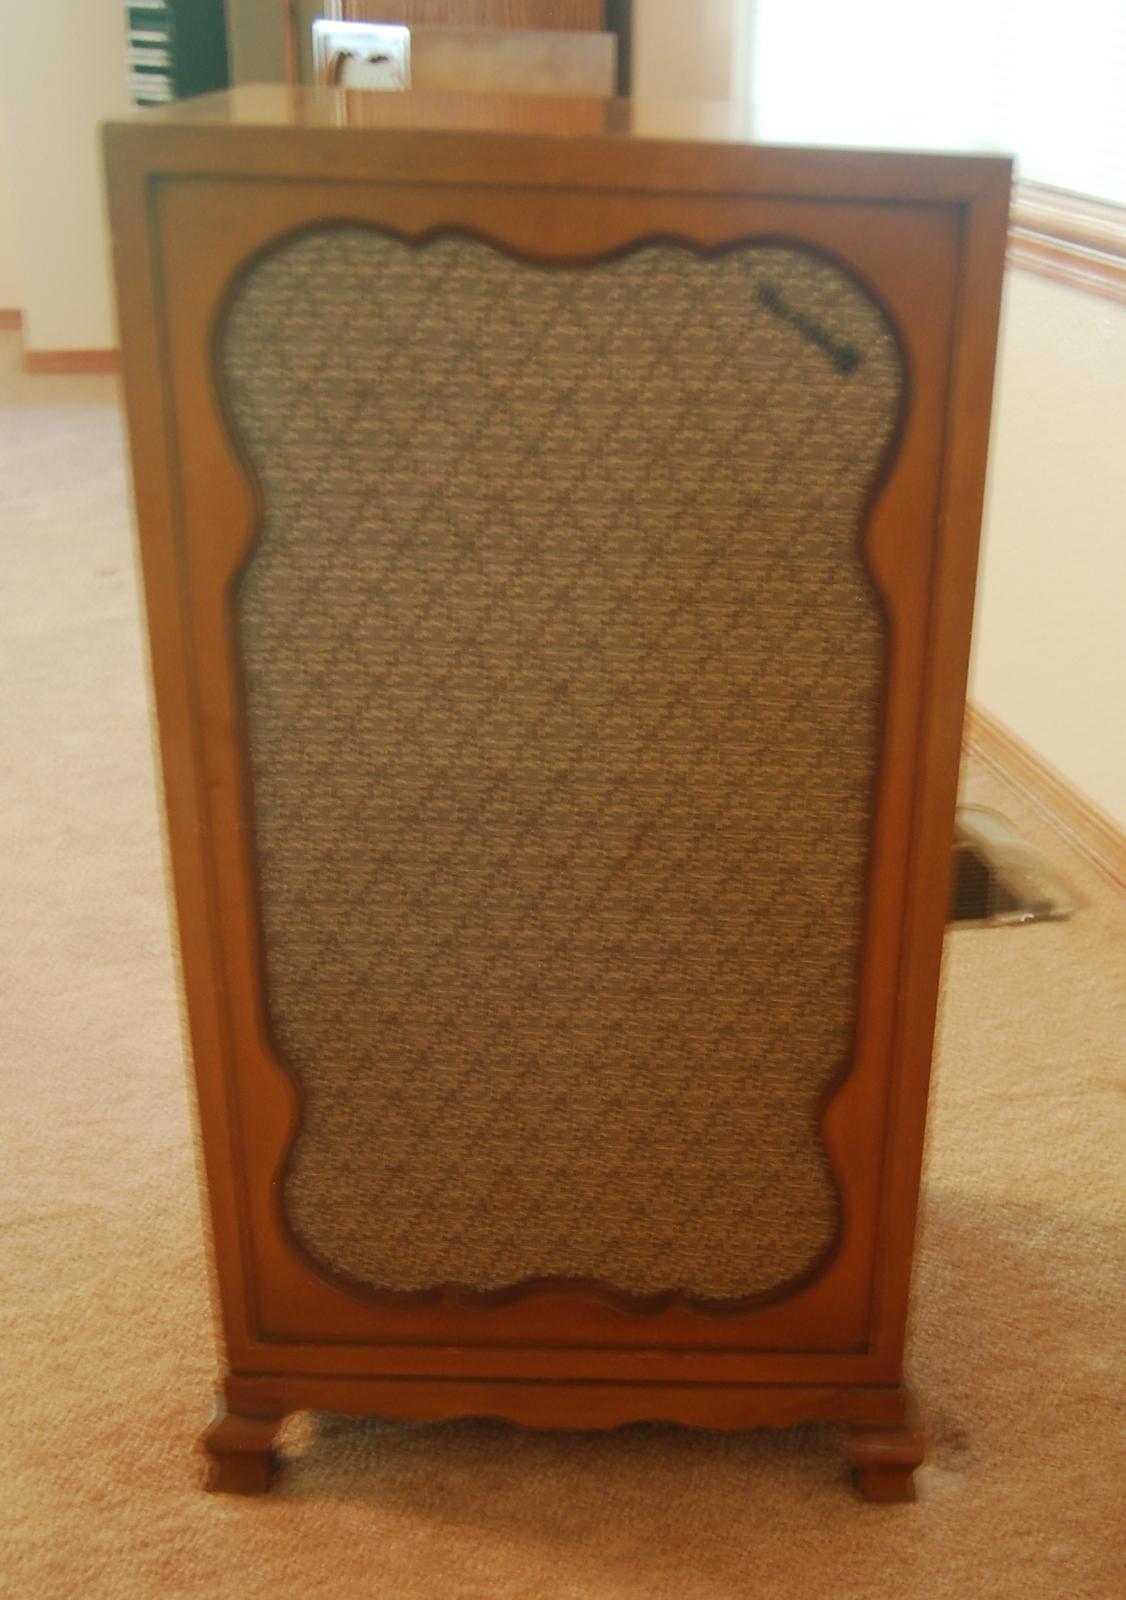 Vintage Speaker Systems 18